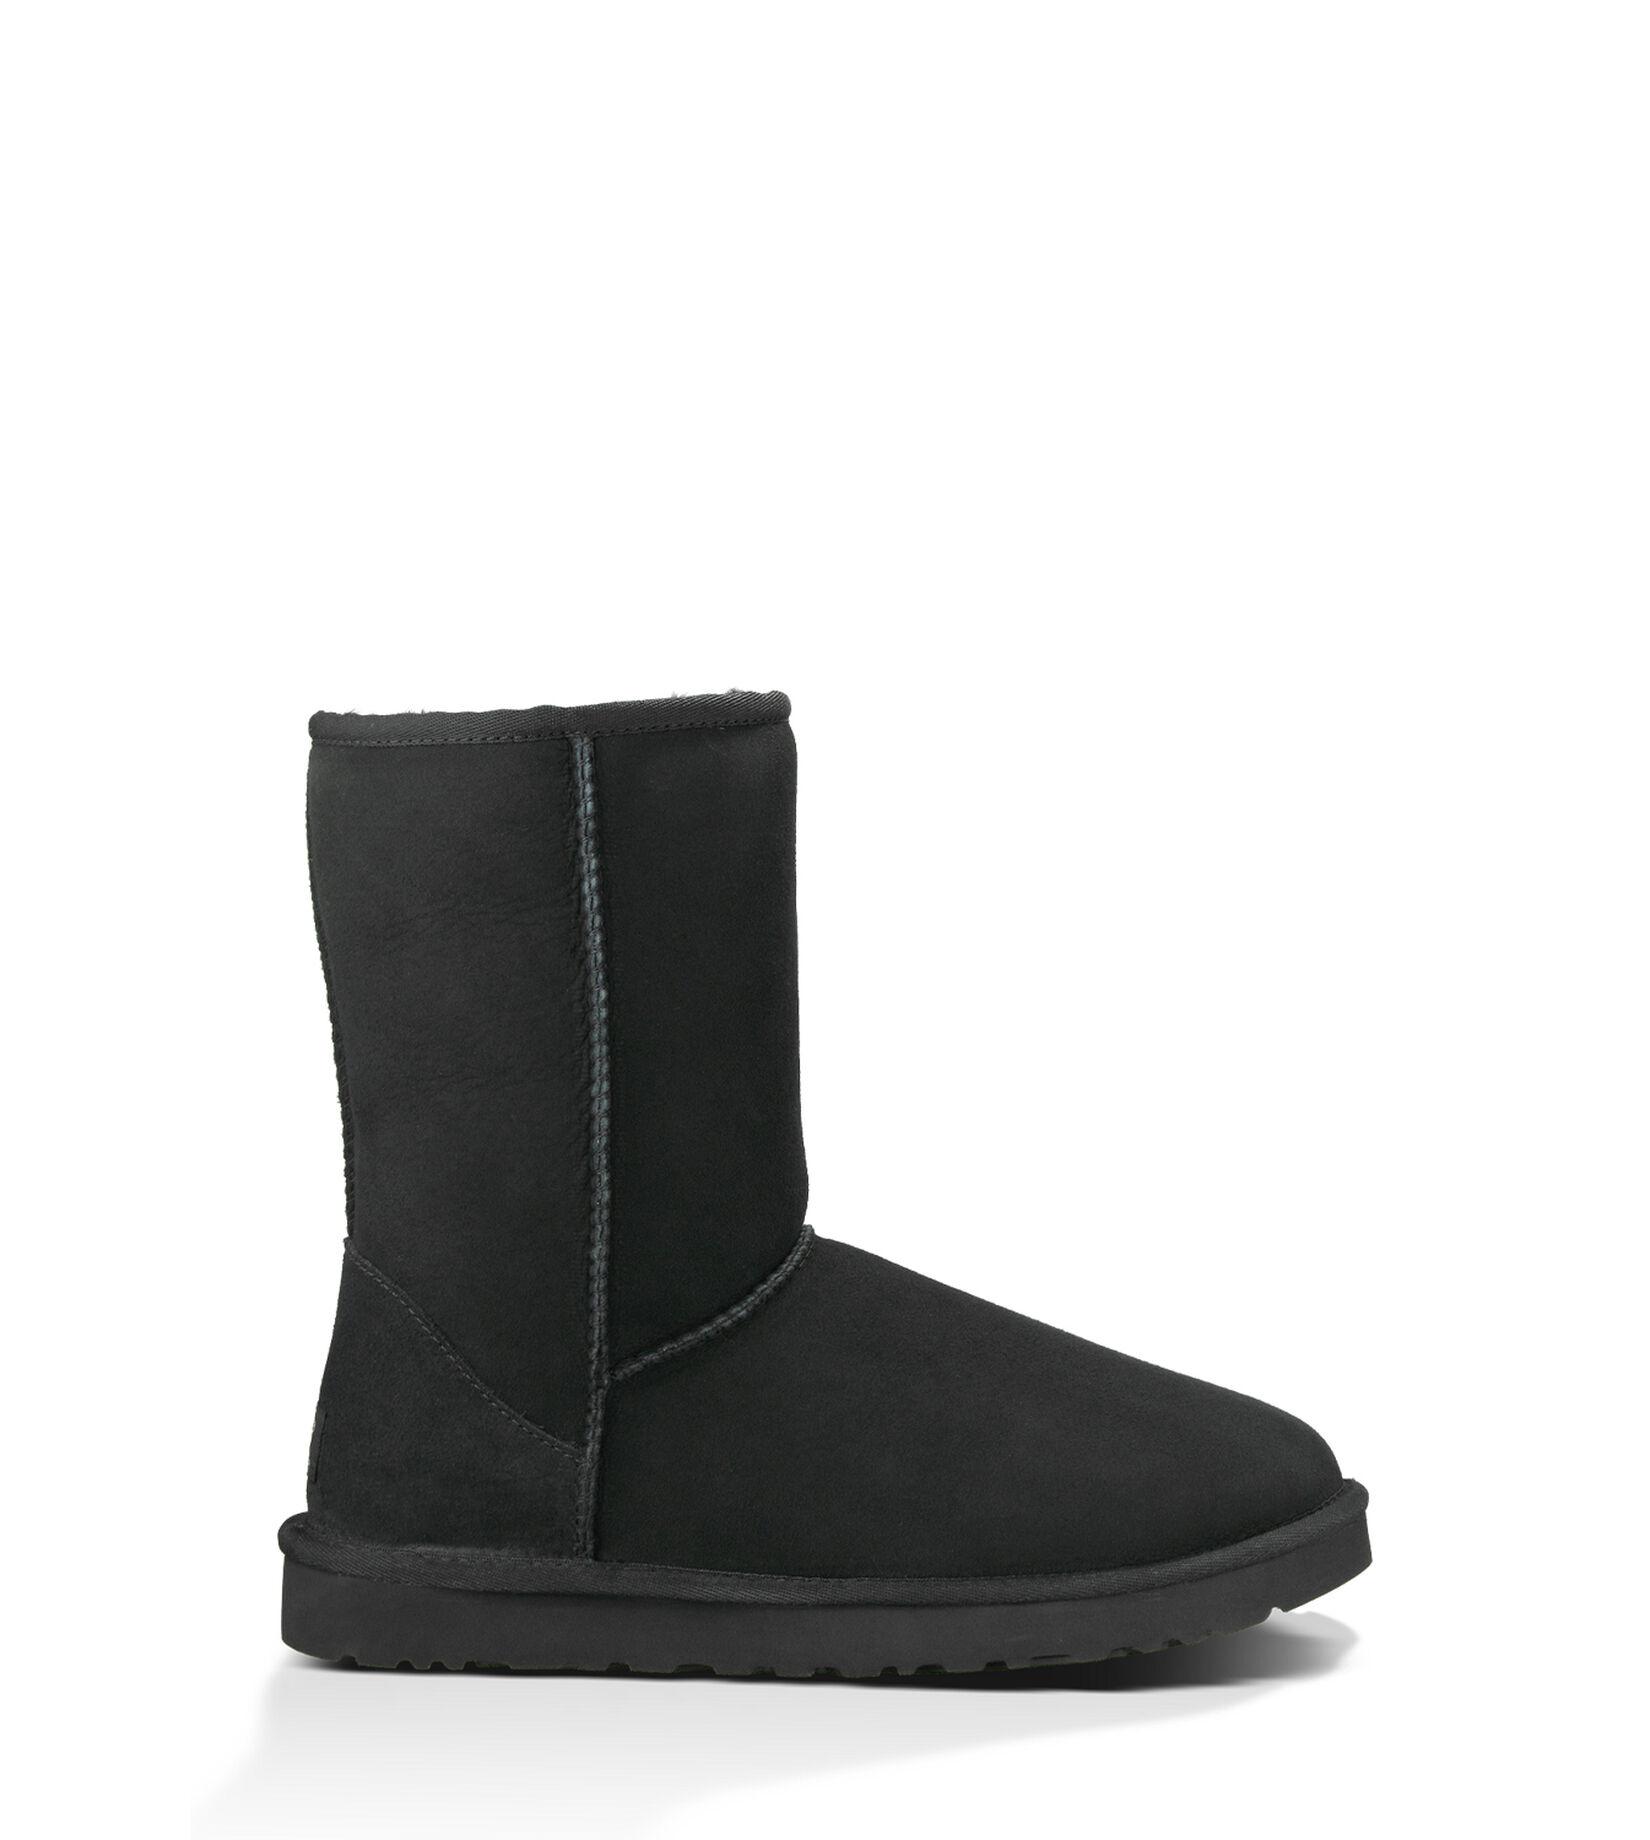 UGG (アグ) メンズ ブーツ CLASSIC SHORT - クラシックショート Black, 28.0